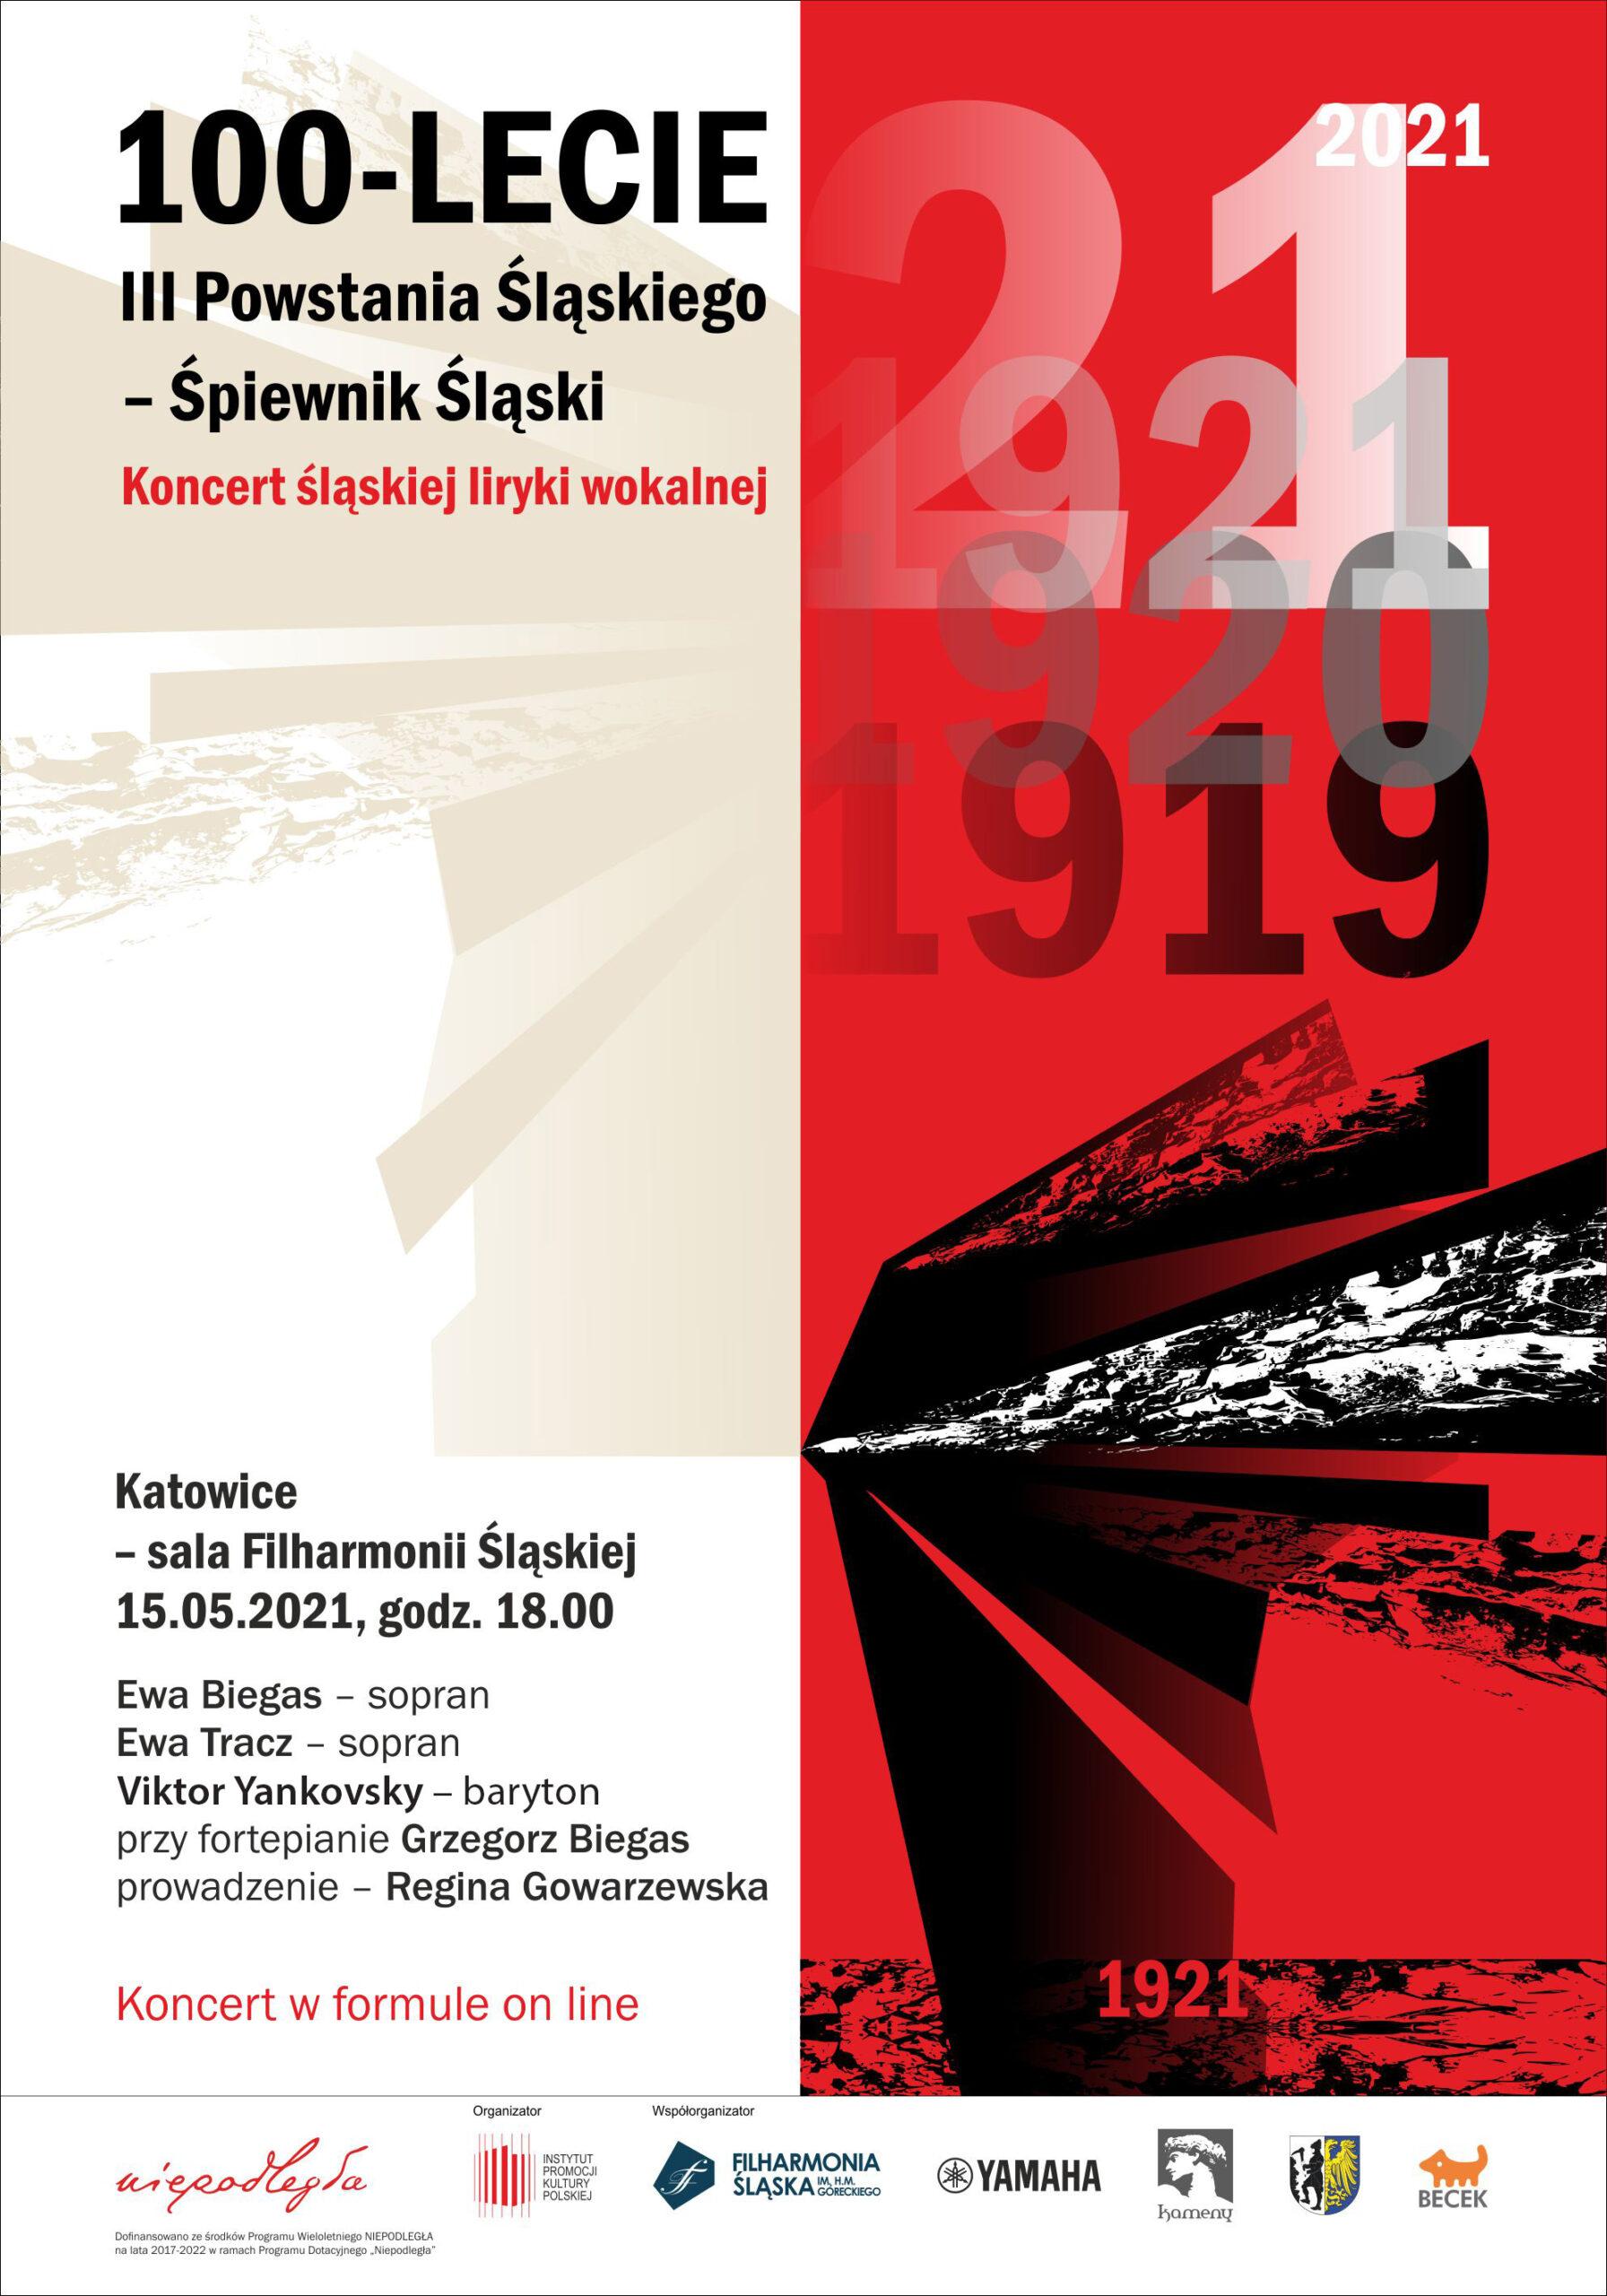 Afisz koncertu z okazji 100-lecia III Powstania Śląskiego